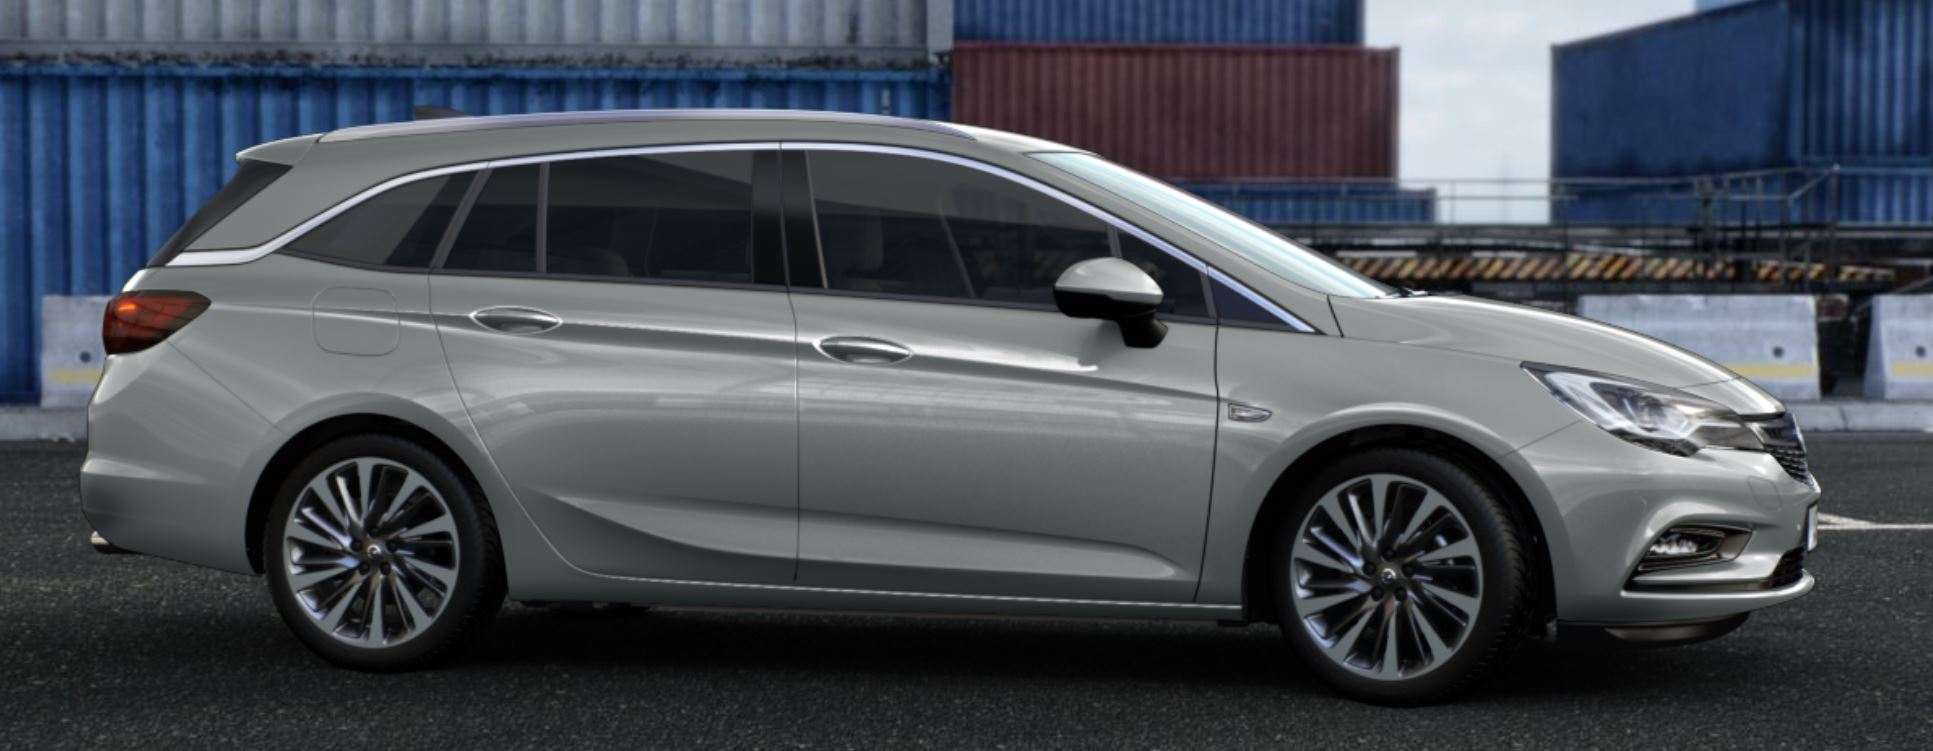 długoterminowy wynajem aut Opel Astra kombi